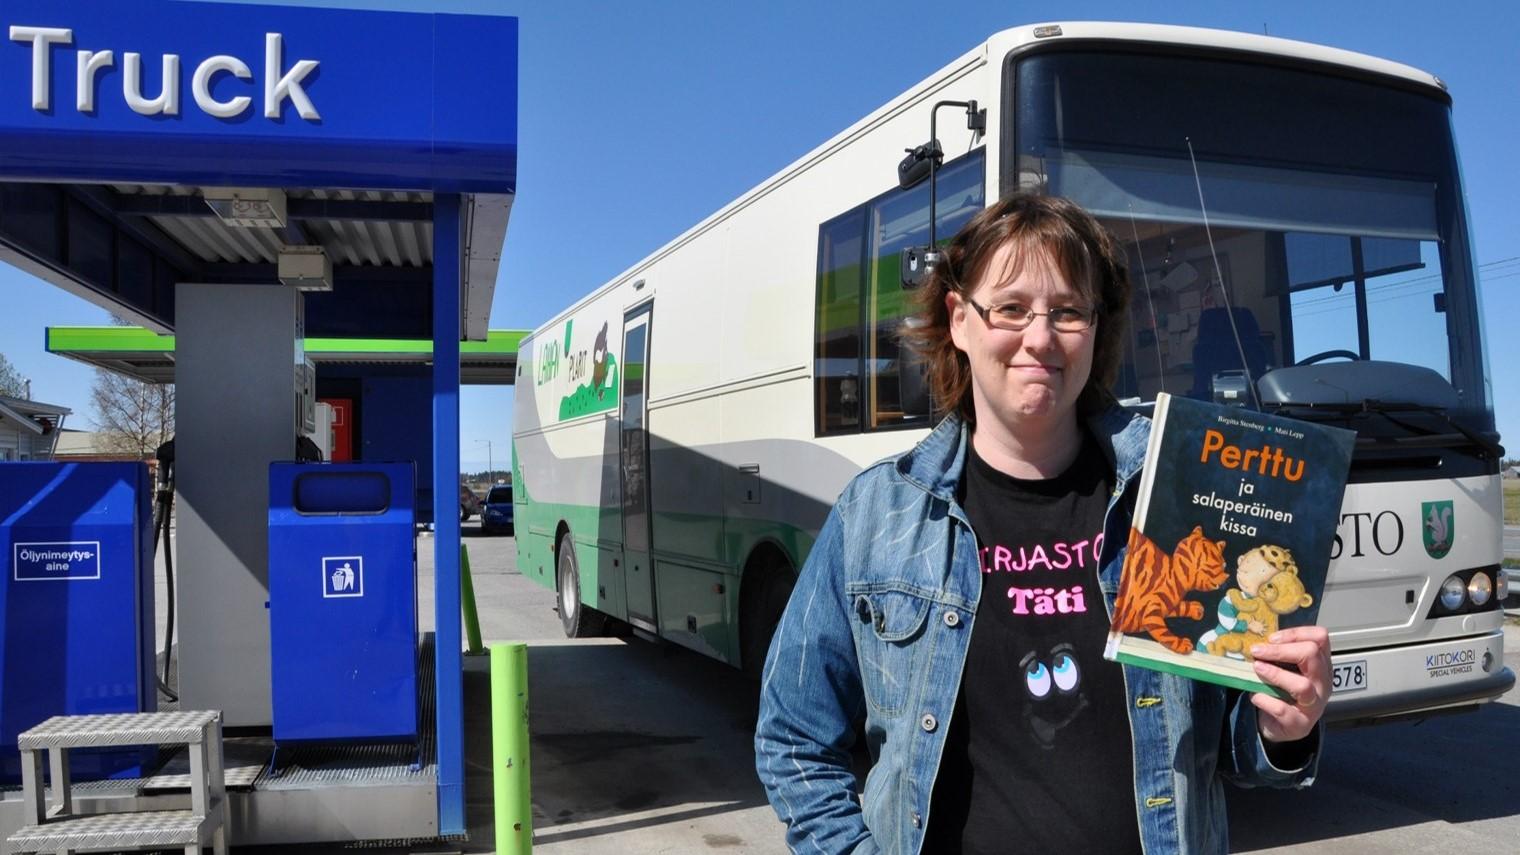 Kirjastoauto tankkausasemalla. Auton edessä on nainen kirja kädessään. Naisen paidassa lukee kirastotäti. Kädessä olevan kirjan nimi on Perttu ja salaperäinen kissa. Se on lastenkirja.